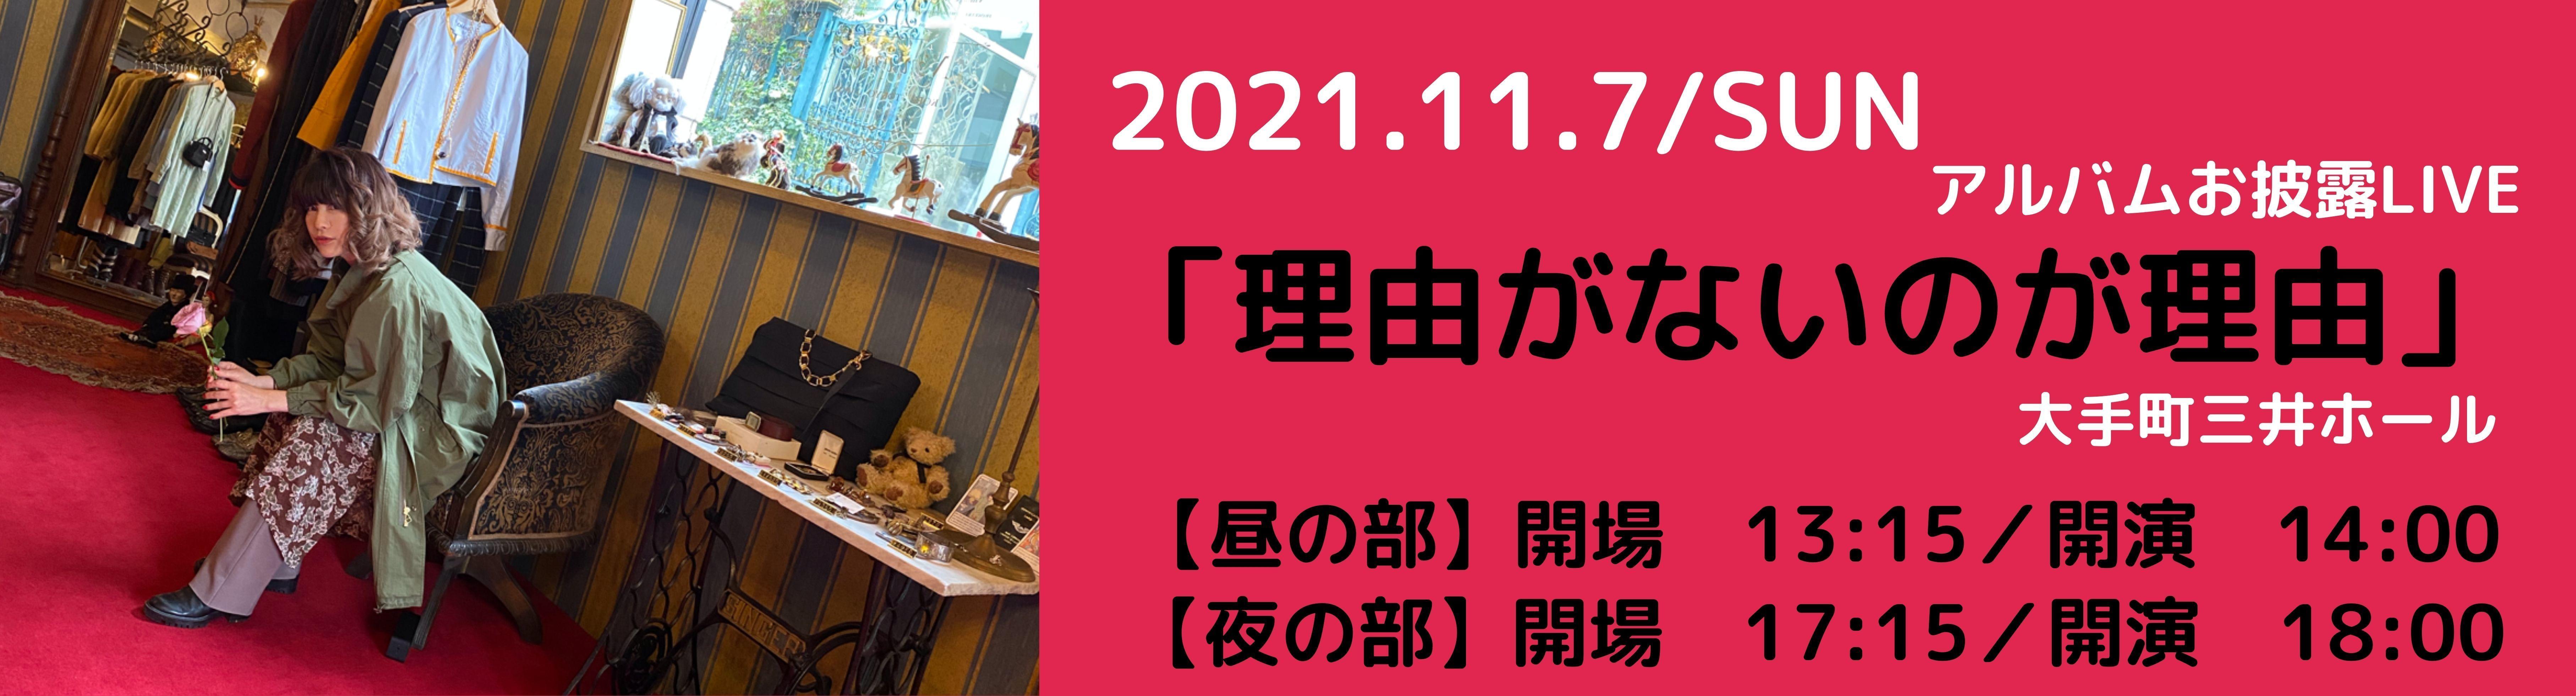 2021年11月7日(日)石川智晶 LIVE「理由がないのが理由」アルバムお披露目 LIVE!